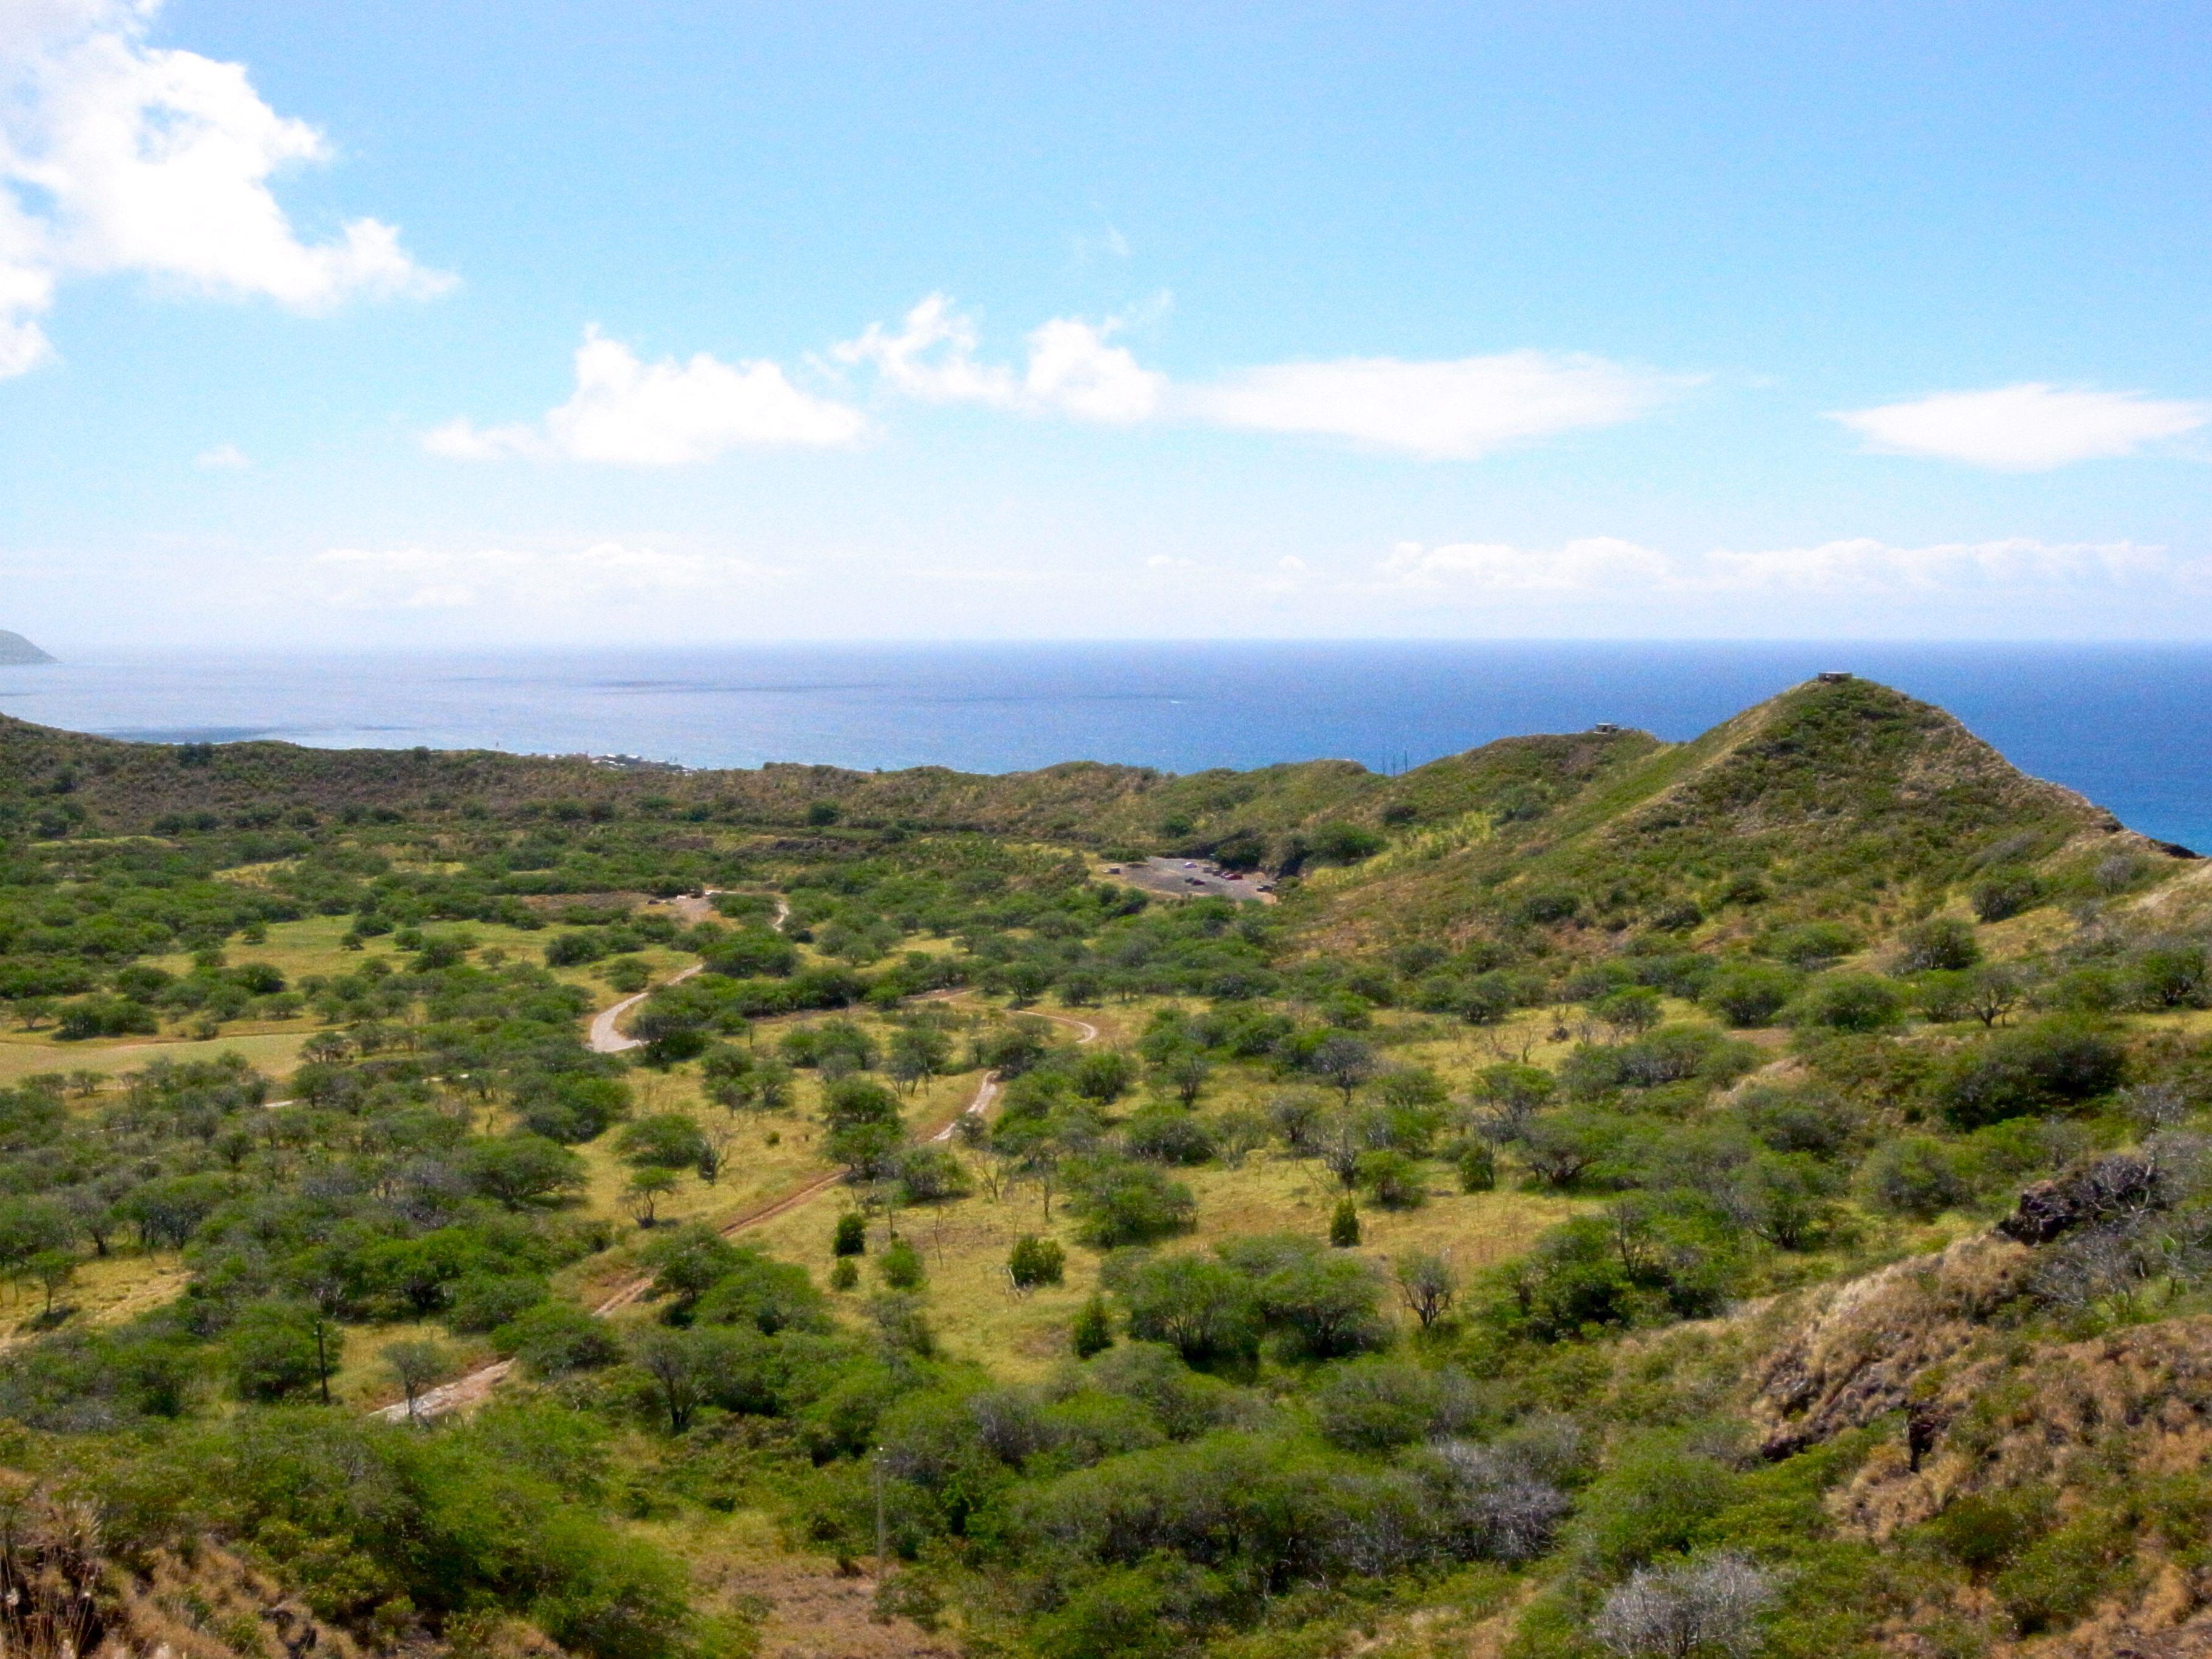 View from Diamond Head, O'ahiu